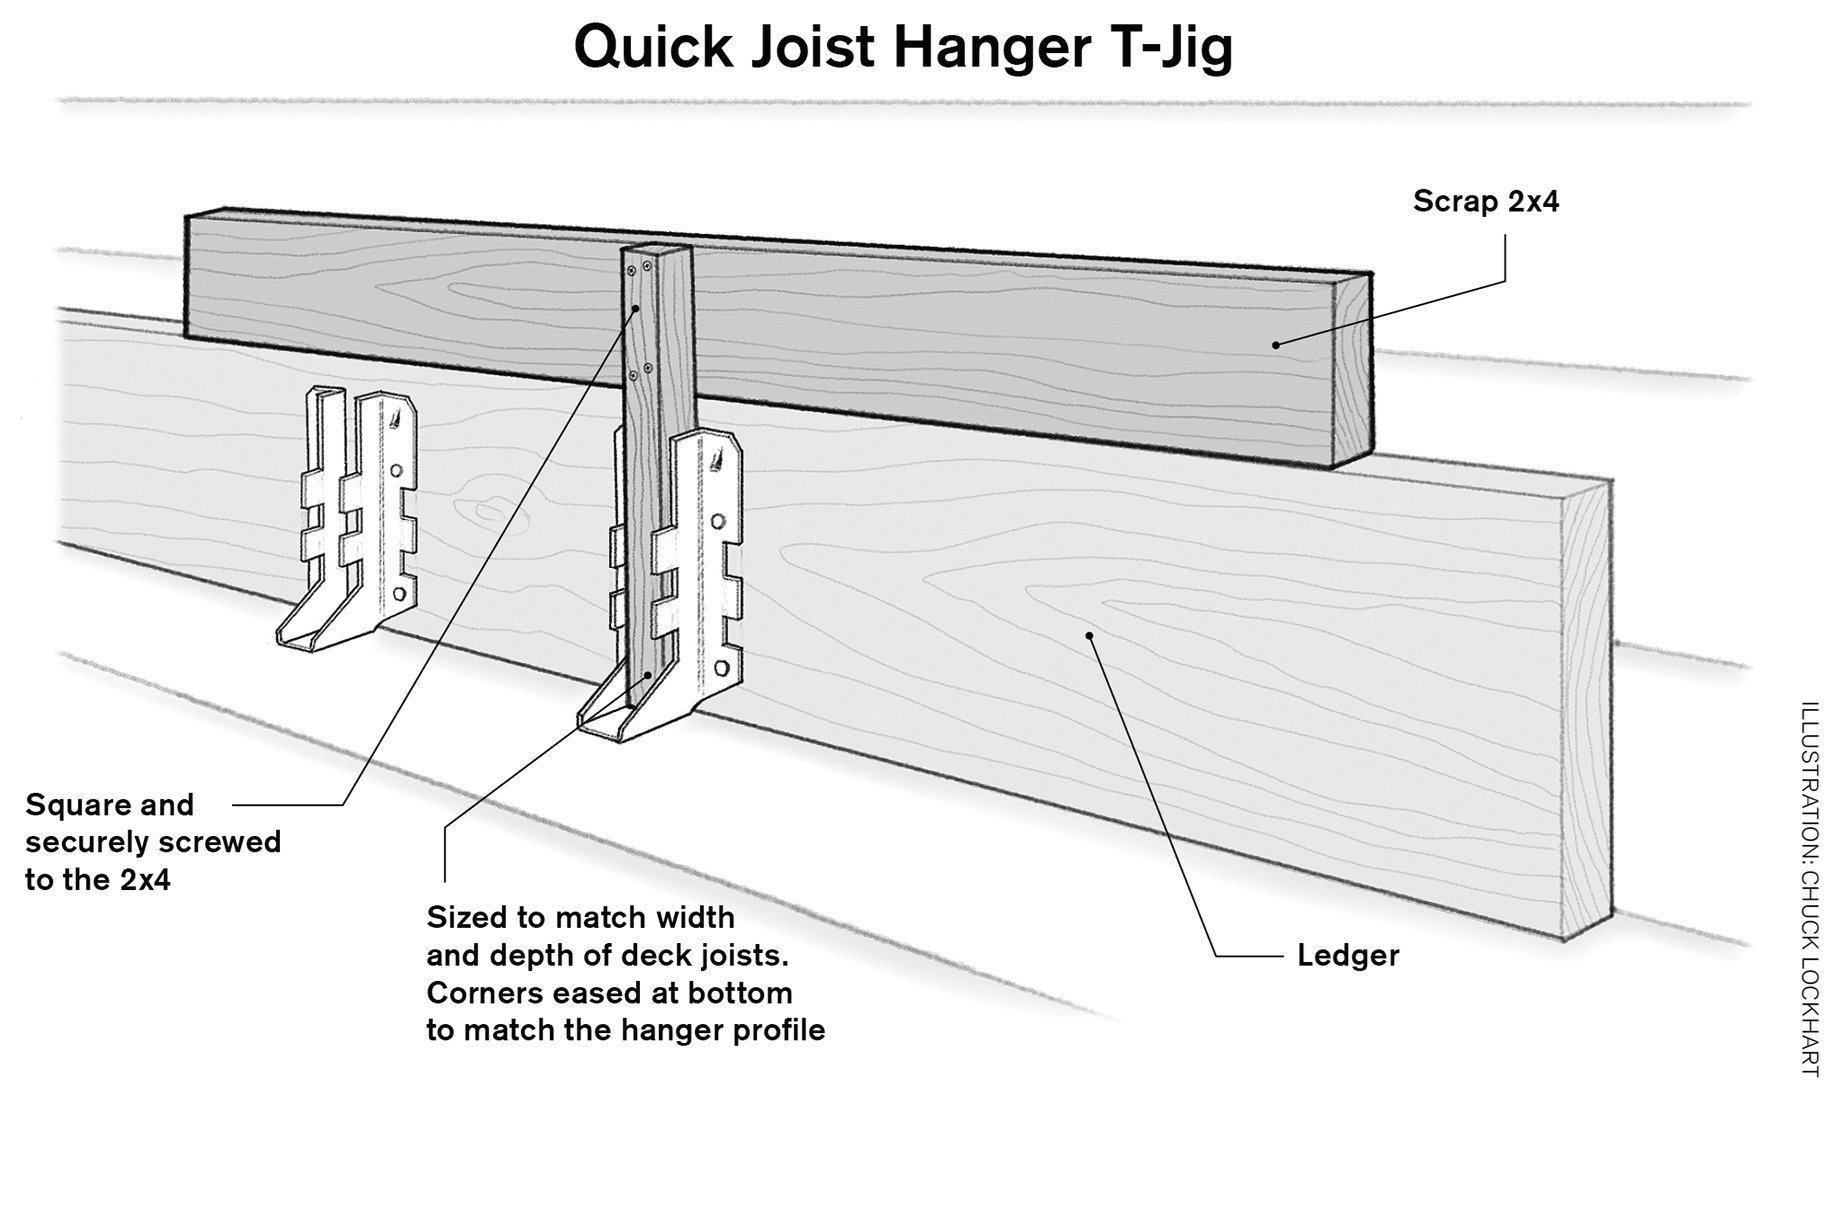 Fast Joist Hanger Installation Jlc Online Framing